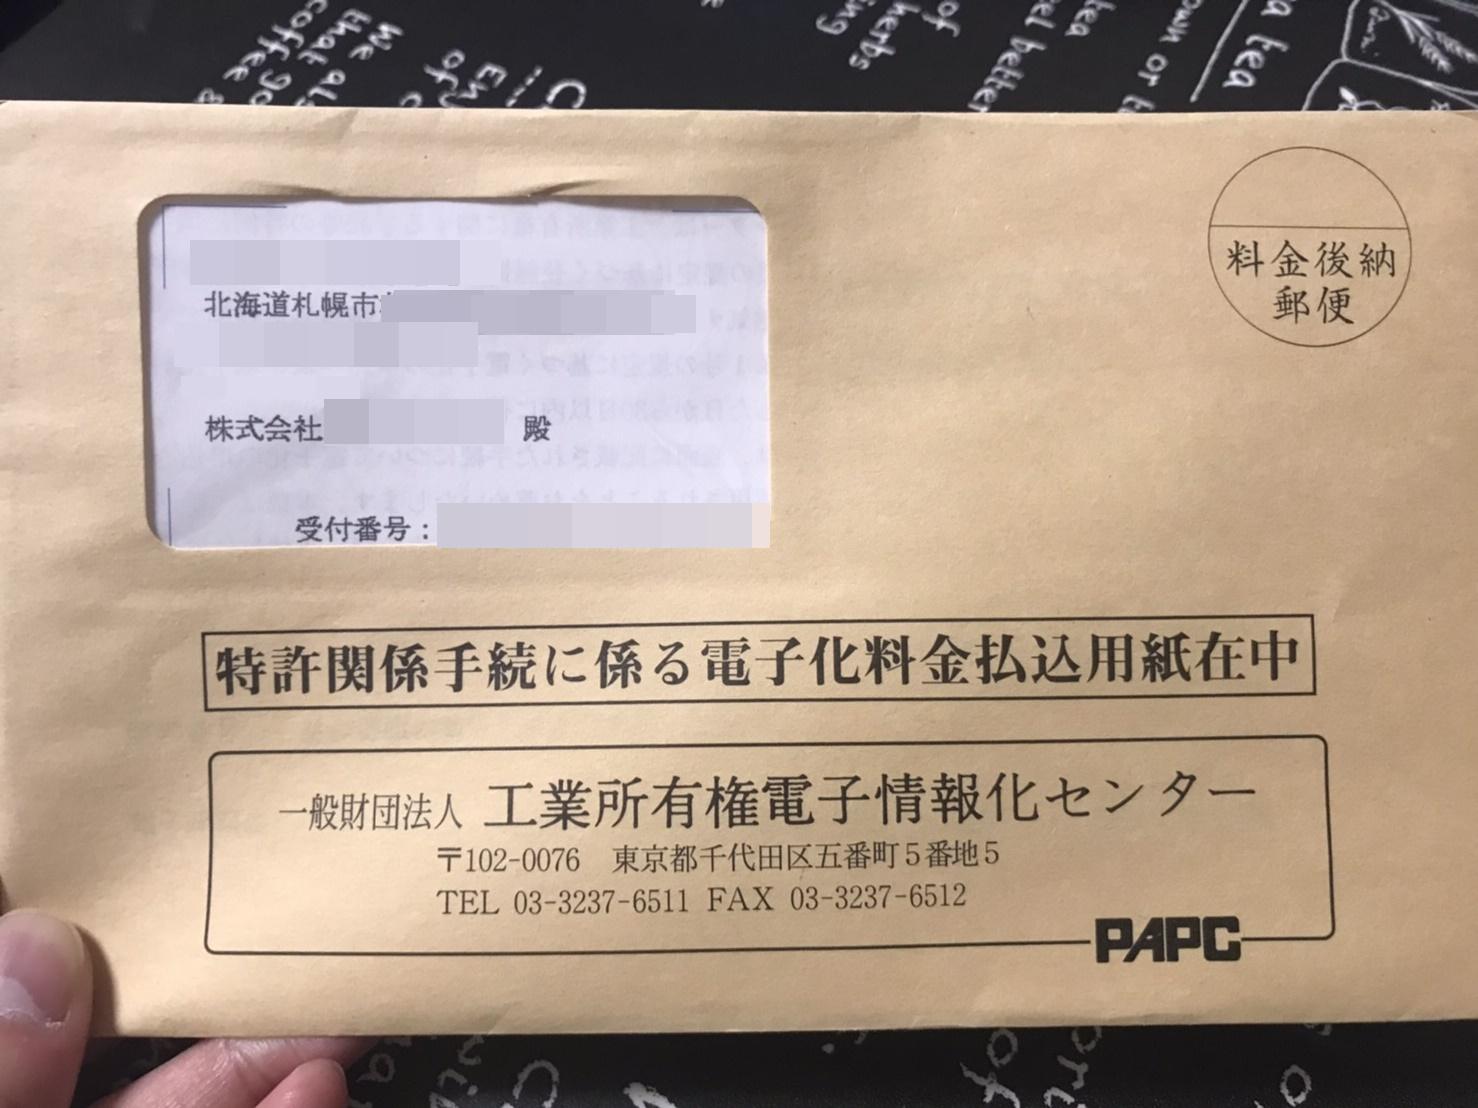 特許庁から電子化の書類が届く